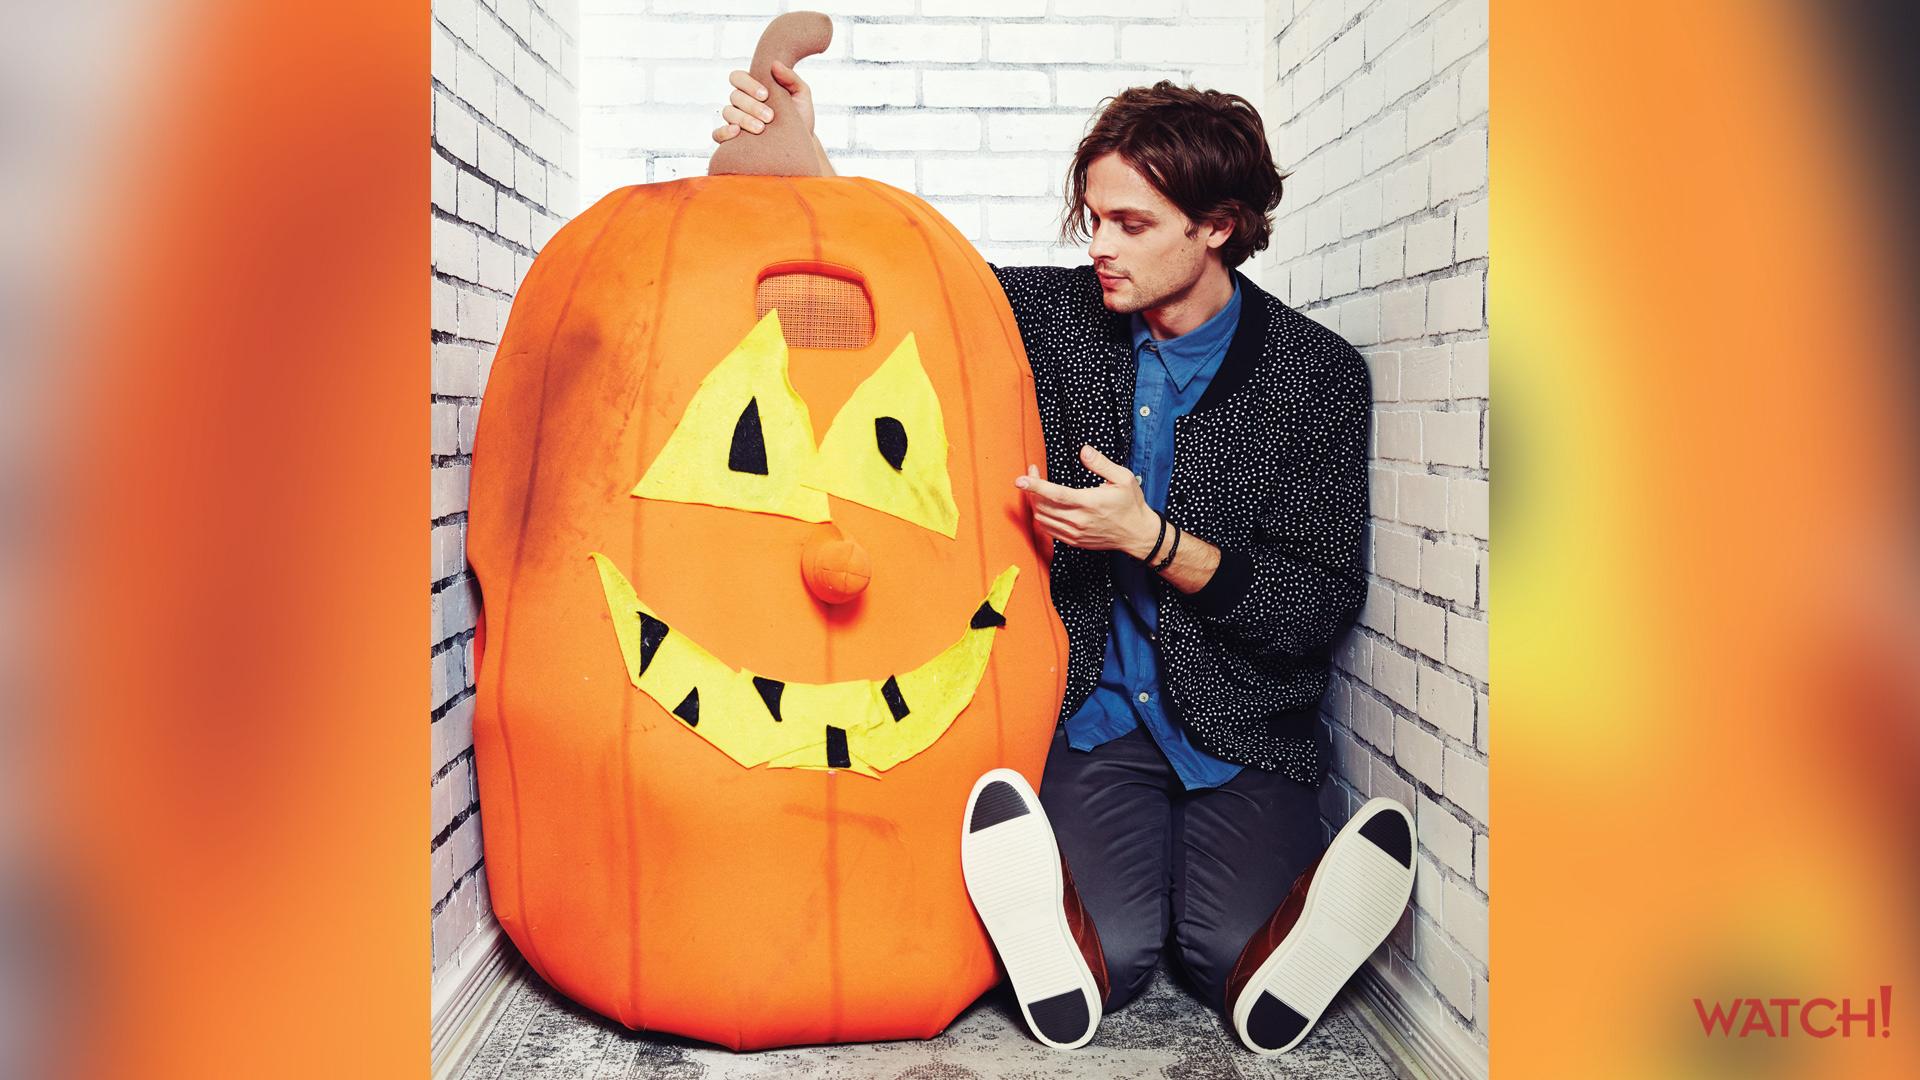 Sweetie pumpkin